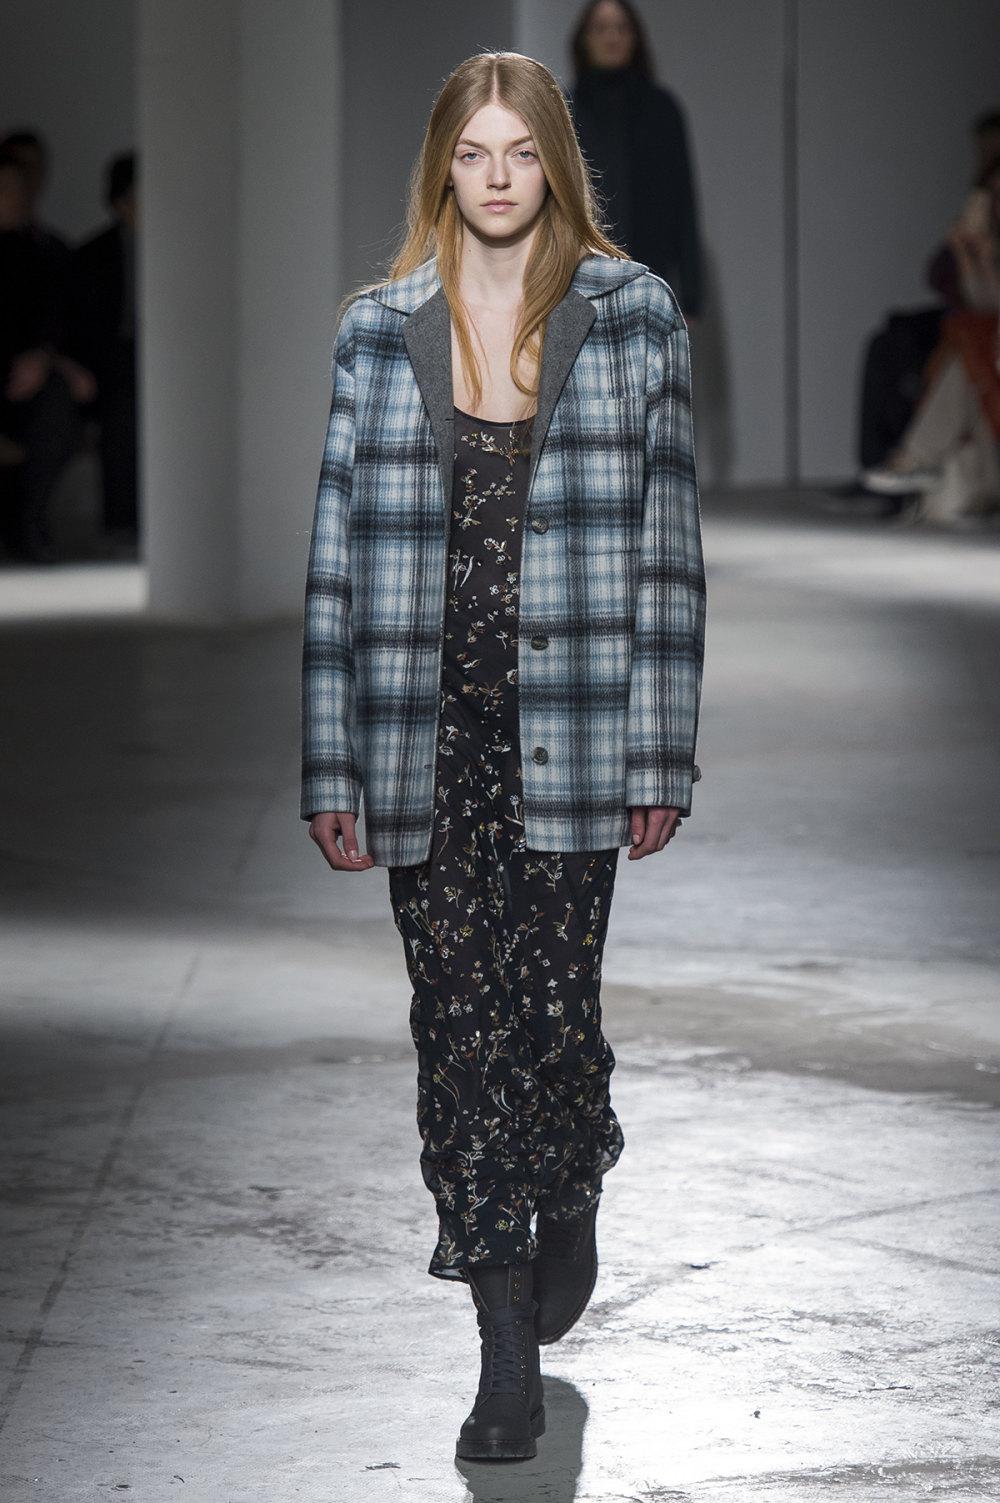 Agnona时装系列有纹理外套长而瘦有些穿着浴袍宽腿裤套装有巧克力-35.jpg